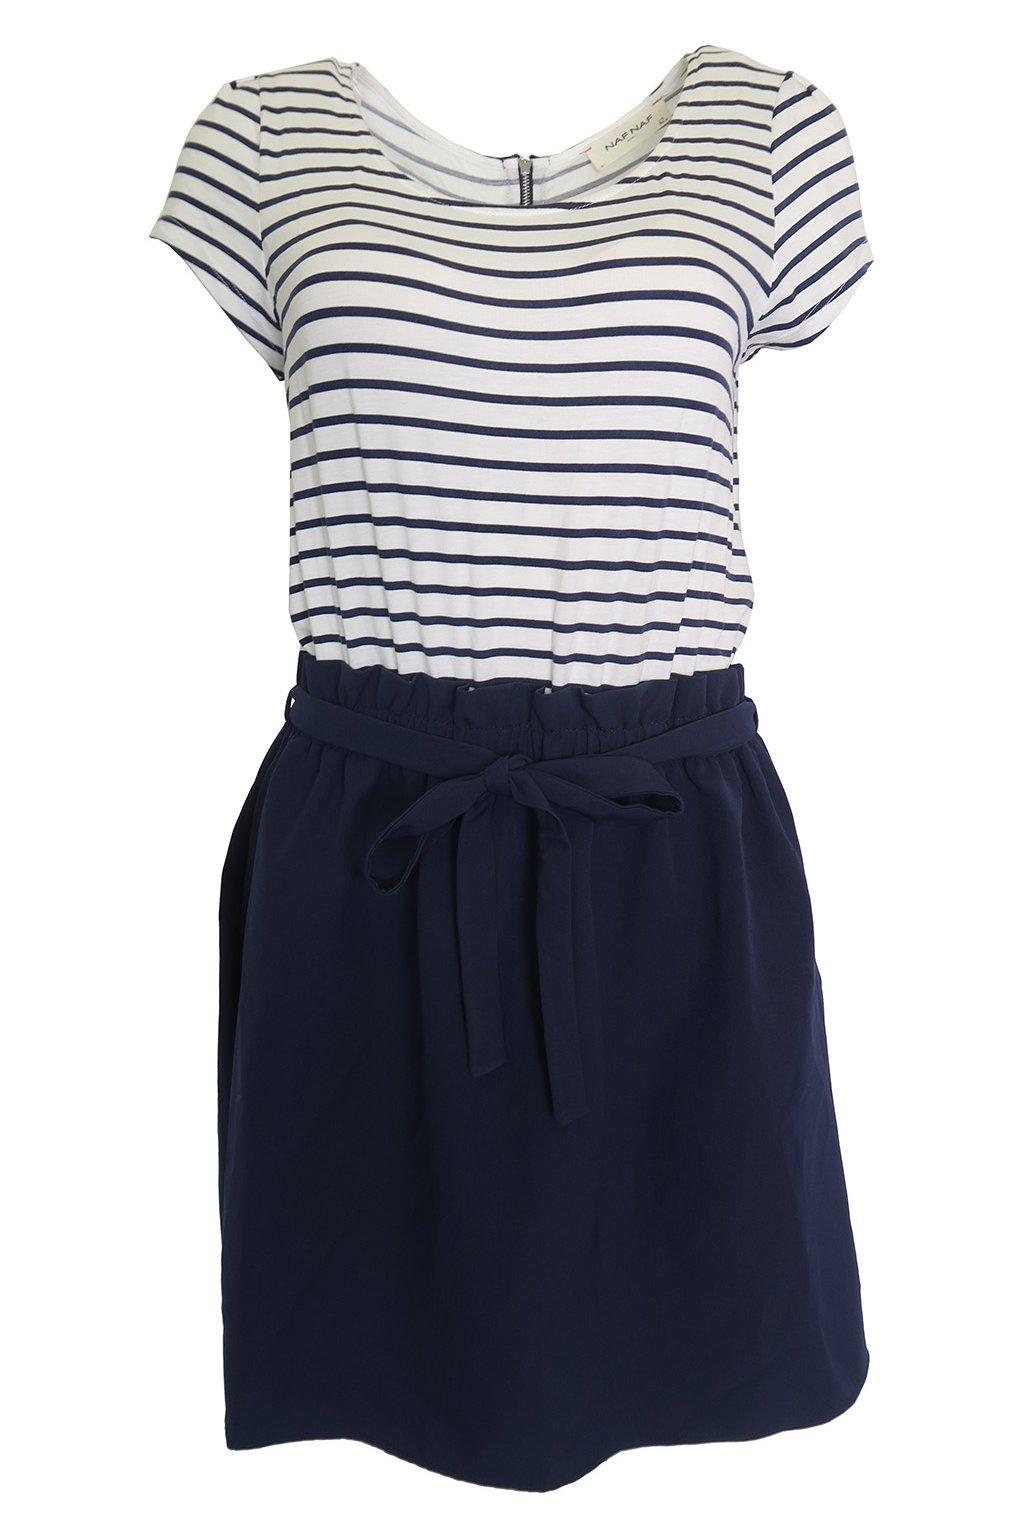 Modré šaty s proužky Naf Naf